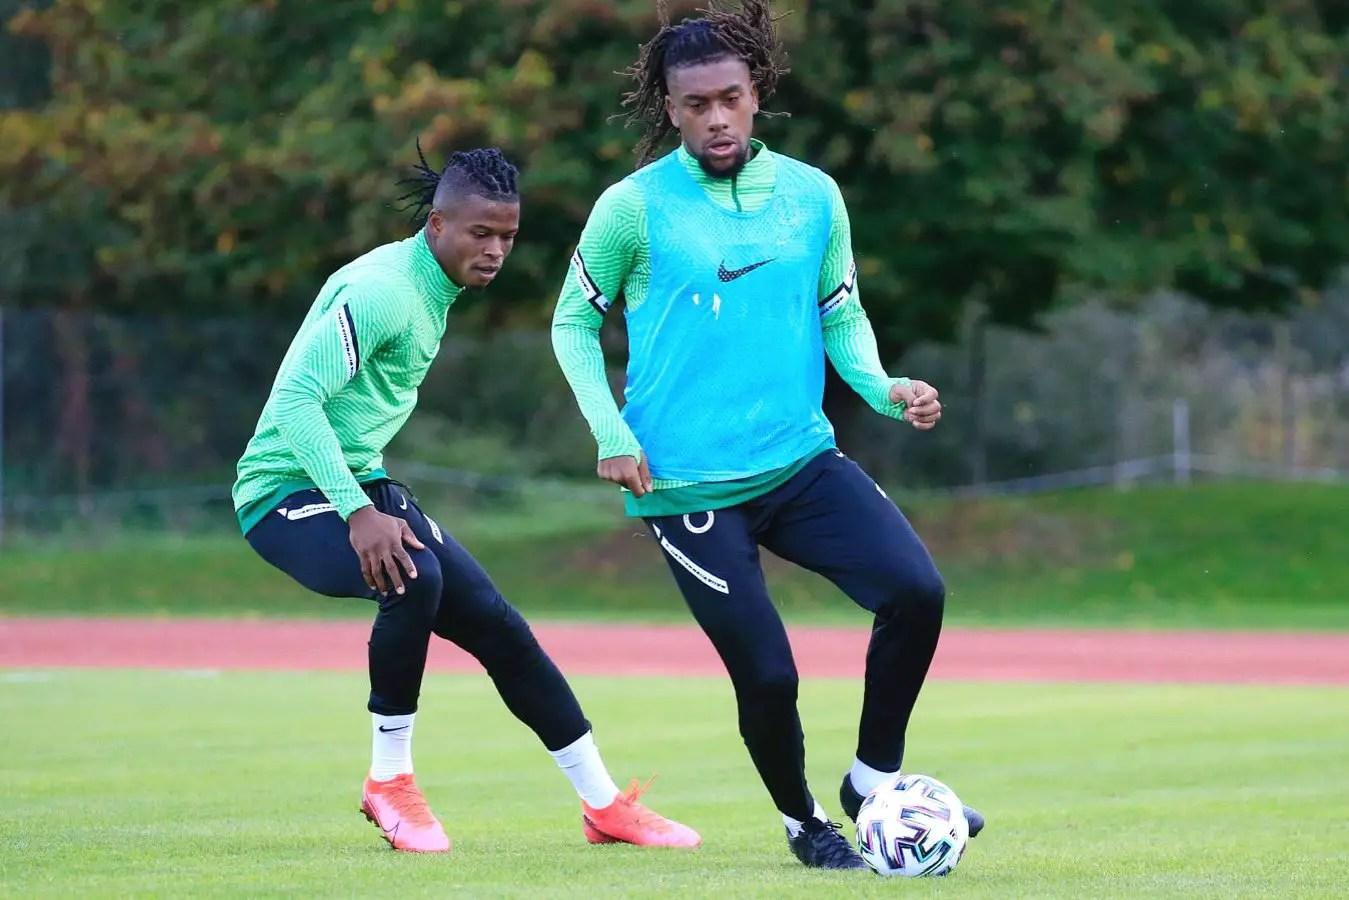 Friendly: Iwobi, Agu, Onyeka To Start In Midfield Vs Algeria